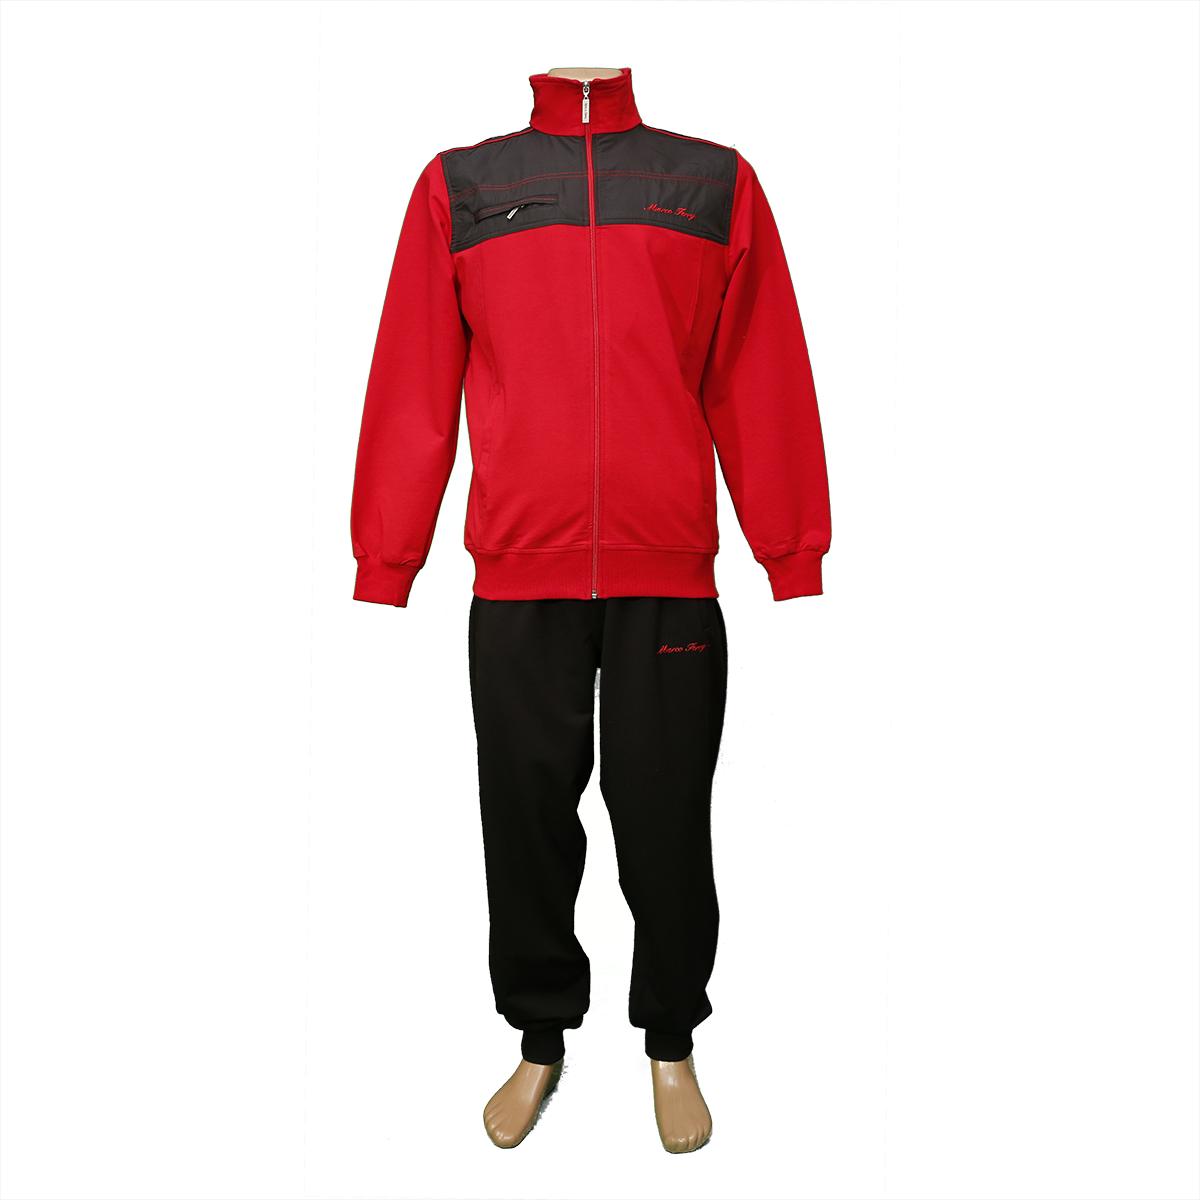 Трикотажний чоловічий спортивний костюм зі складу в Одесі FM14669 Red